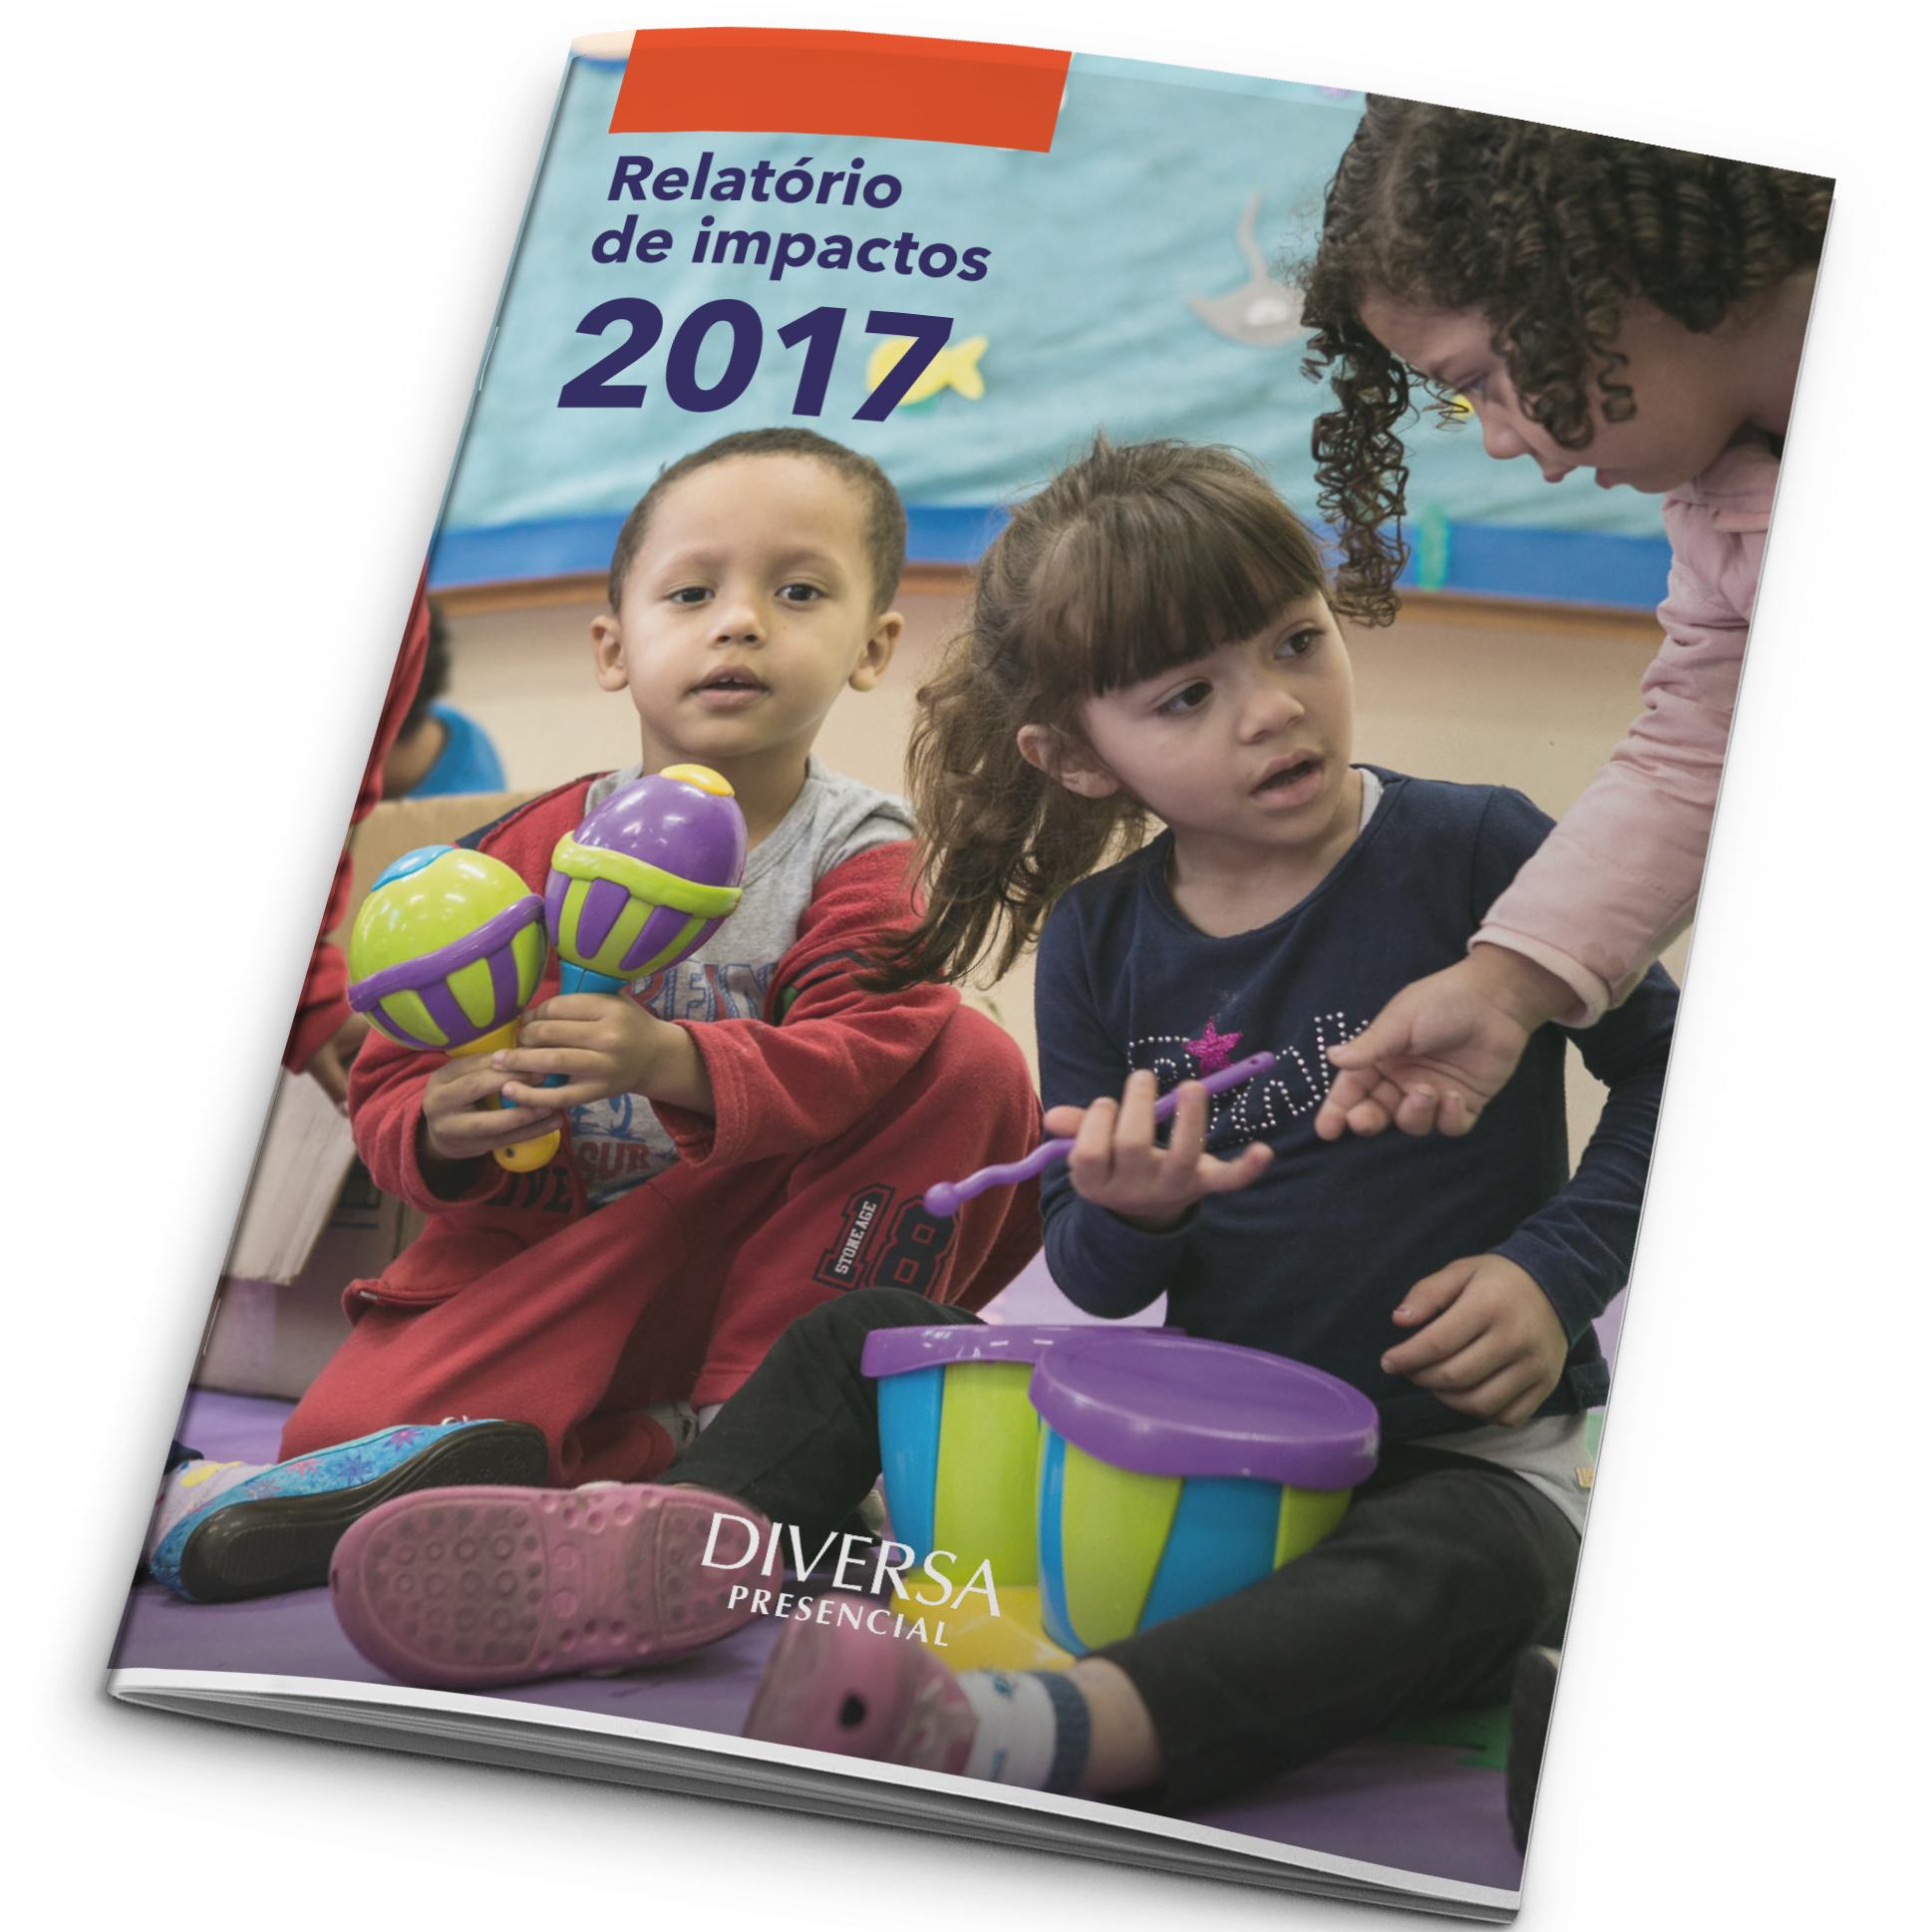 2017 - Relatório de impactos DIVERSA Presencial